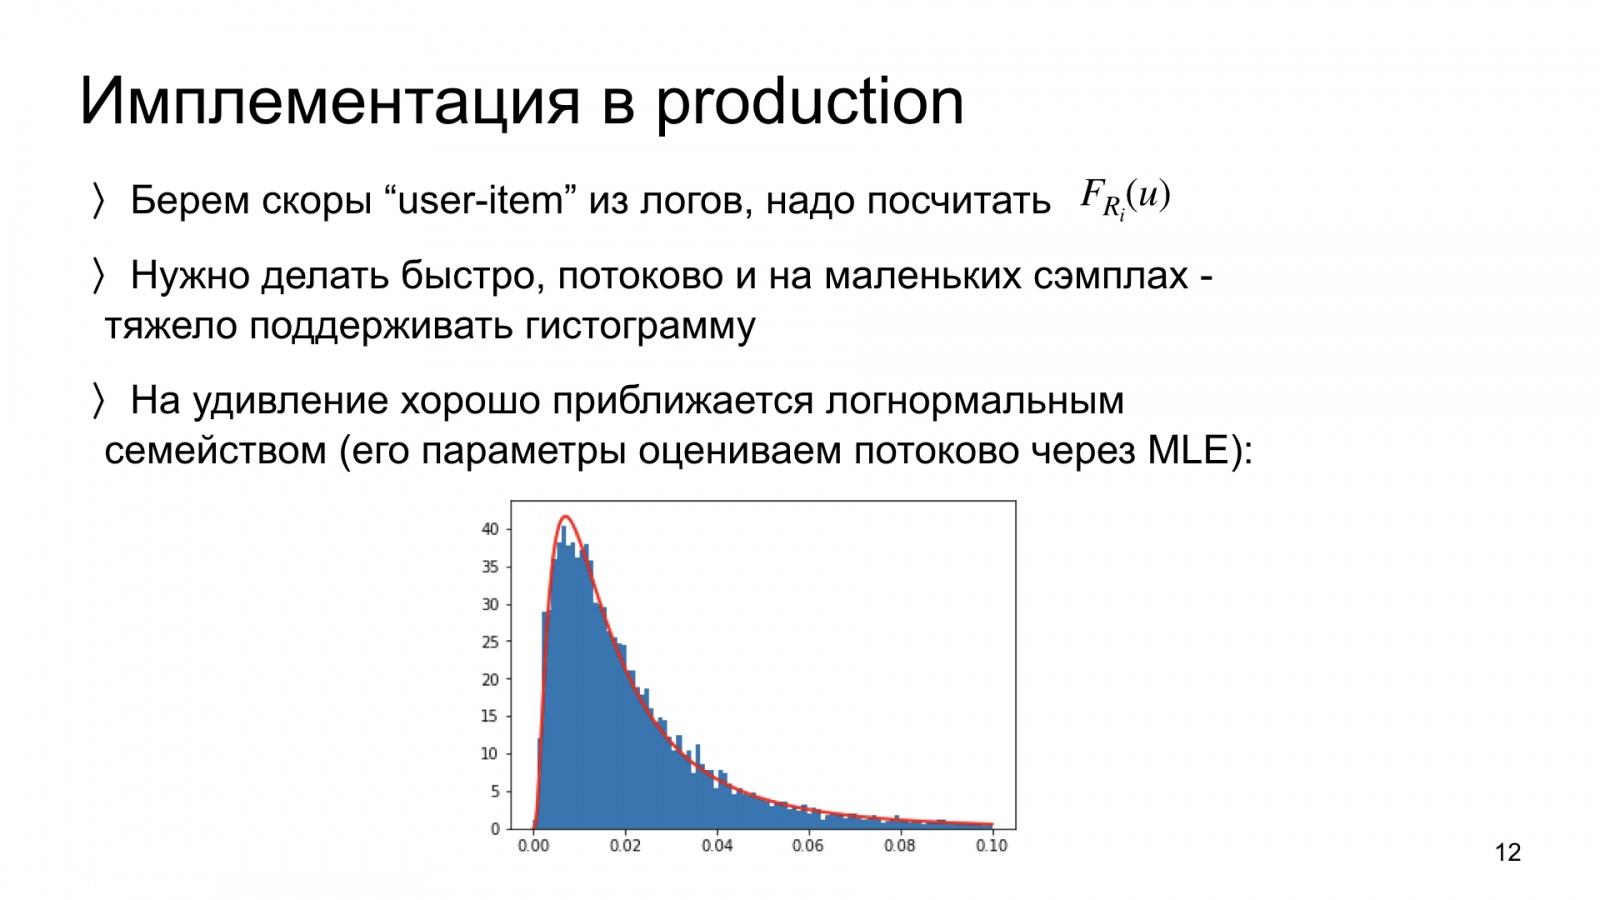 Автороцентричное ранжирование. Доклад Яндекса о поиске релевантной аудитории для авторов Дзена - 12